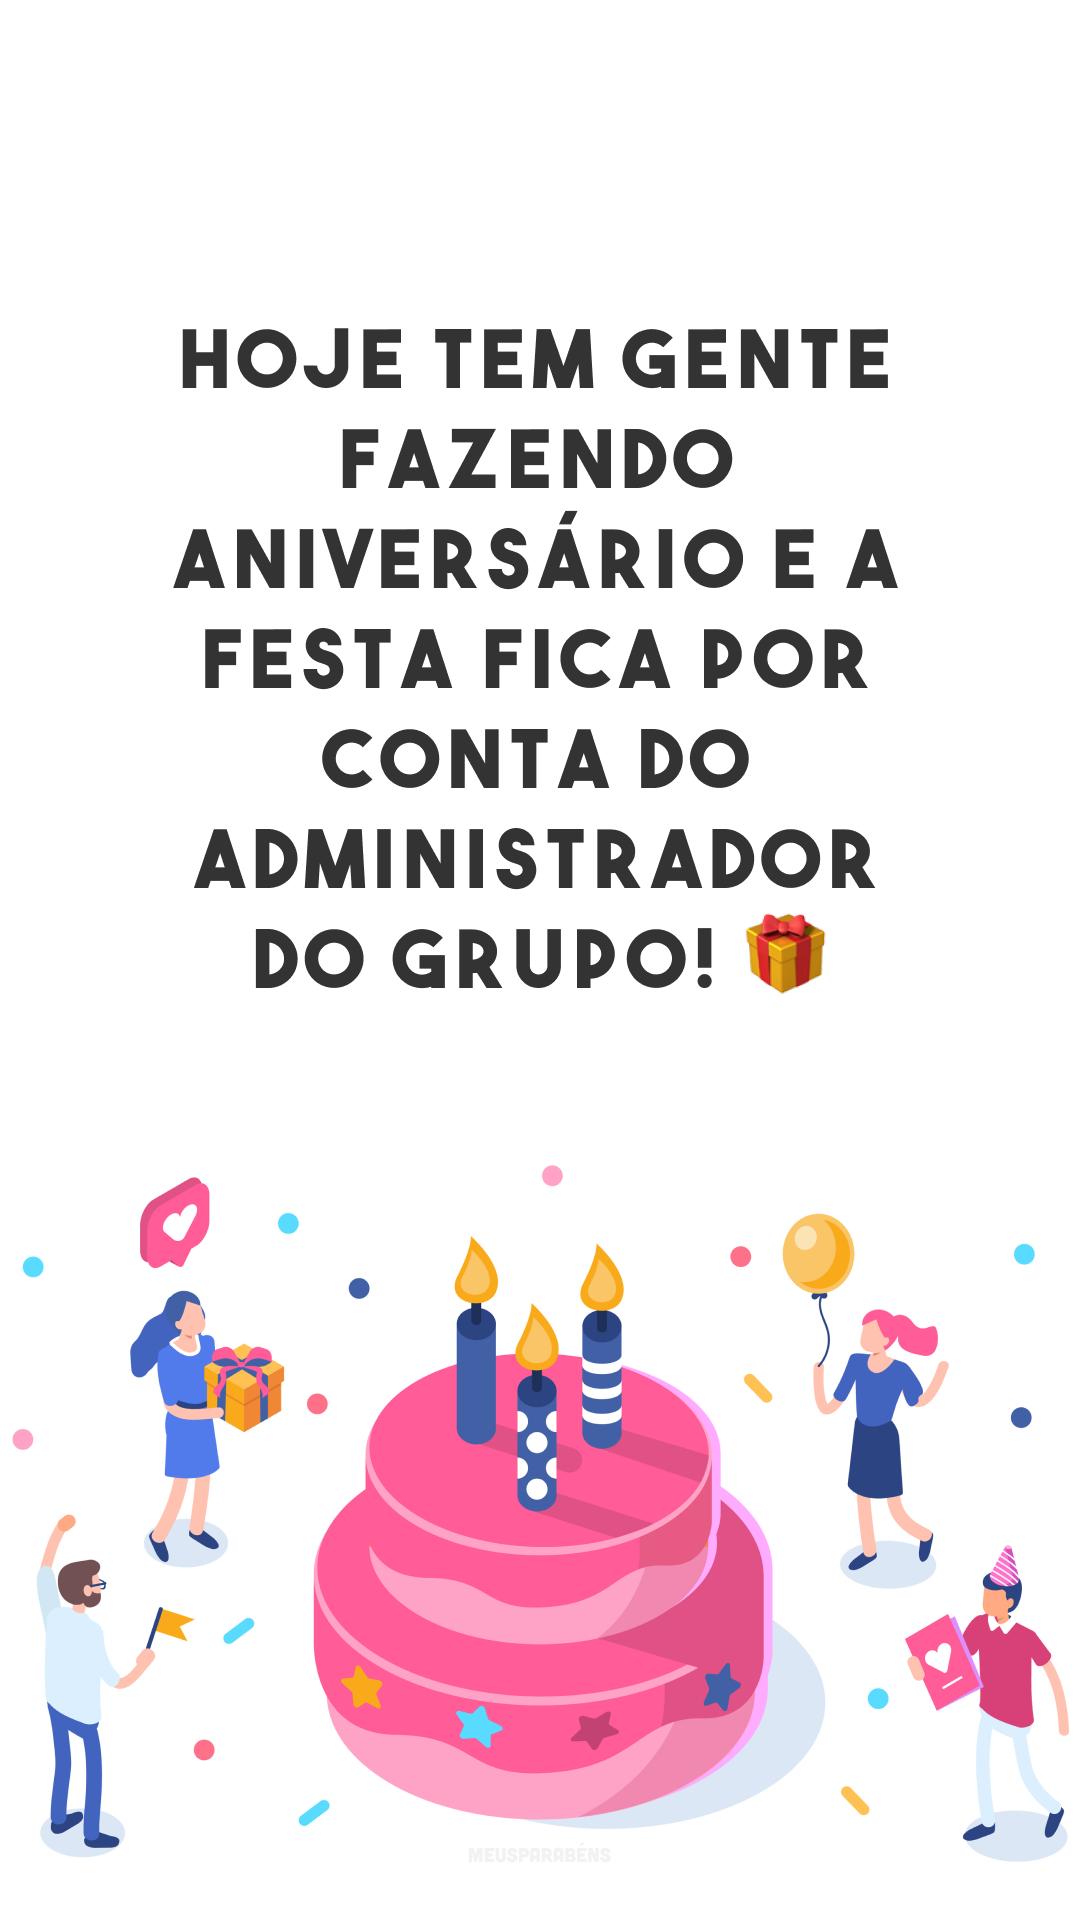 Hoje tem gente fazendo aniversário e a festa fica por conta do administrador do grupo! ?